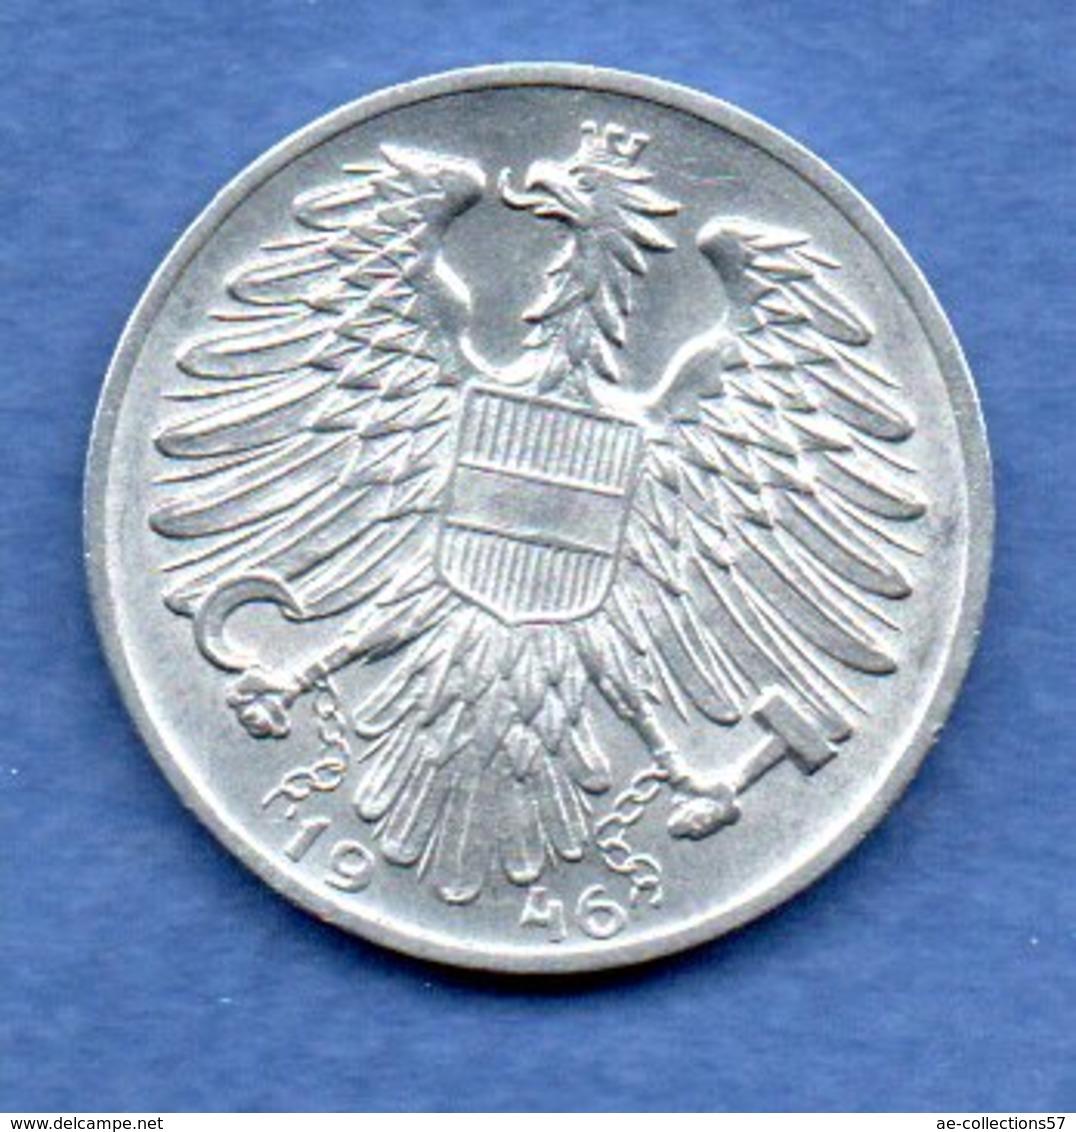 Autriche  - 1 Schilling 1946    -  Km # 2871  -  état  TTB+ - Autriche